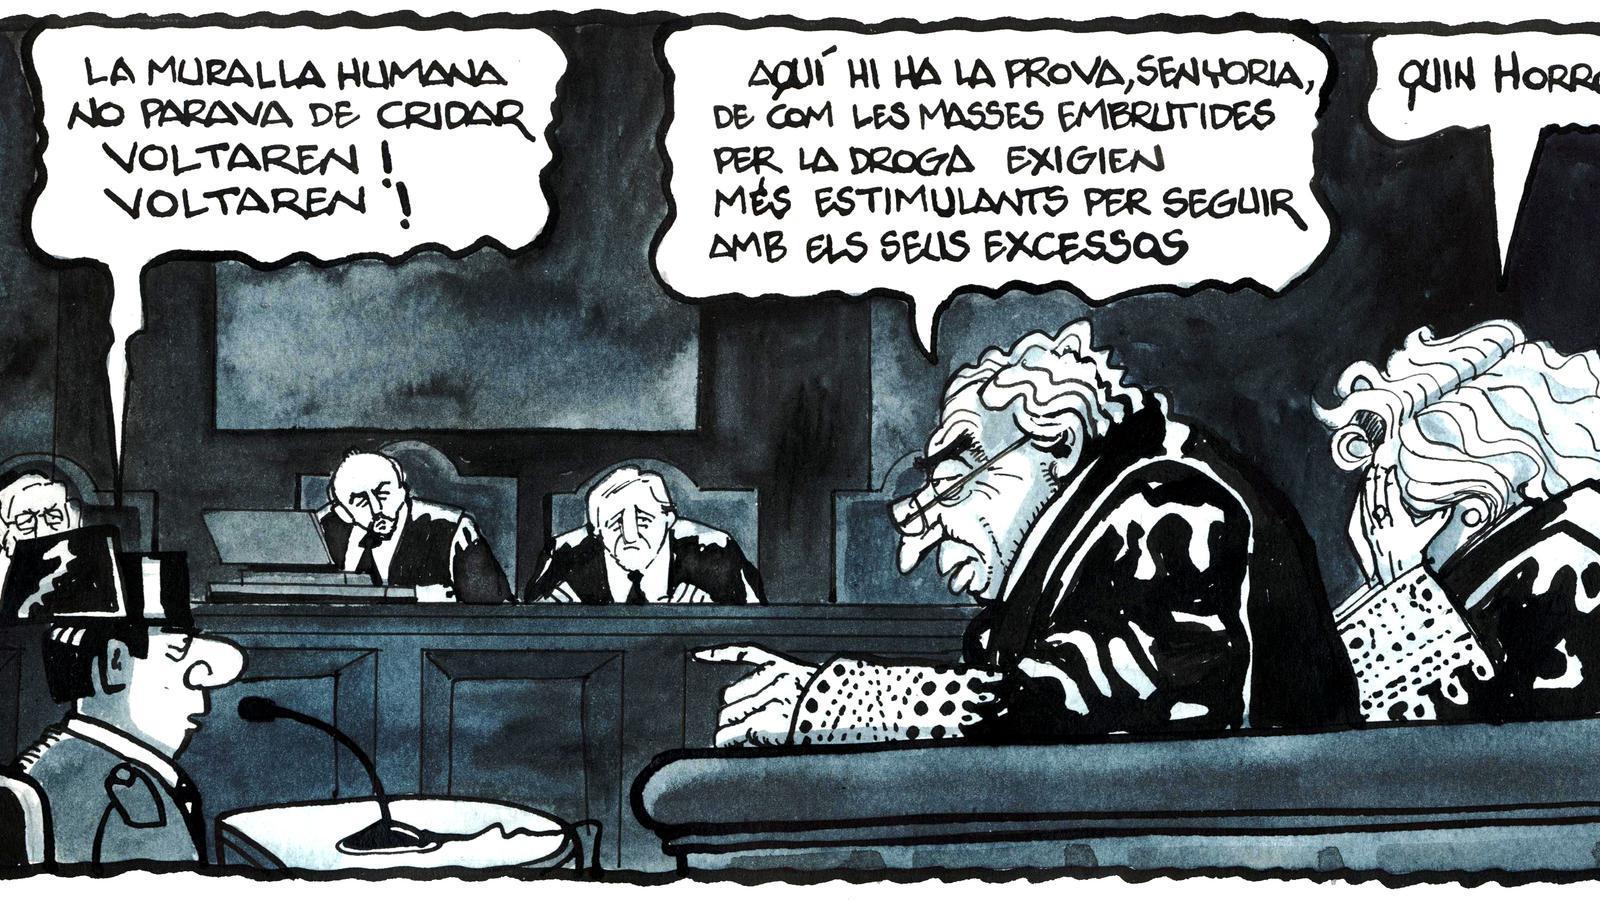 'A la contra', per Ferreres (18 i 19/04/2019)